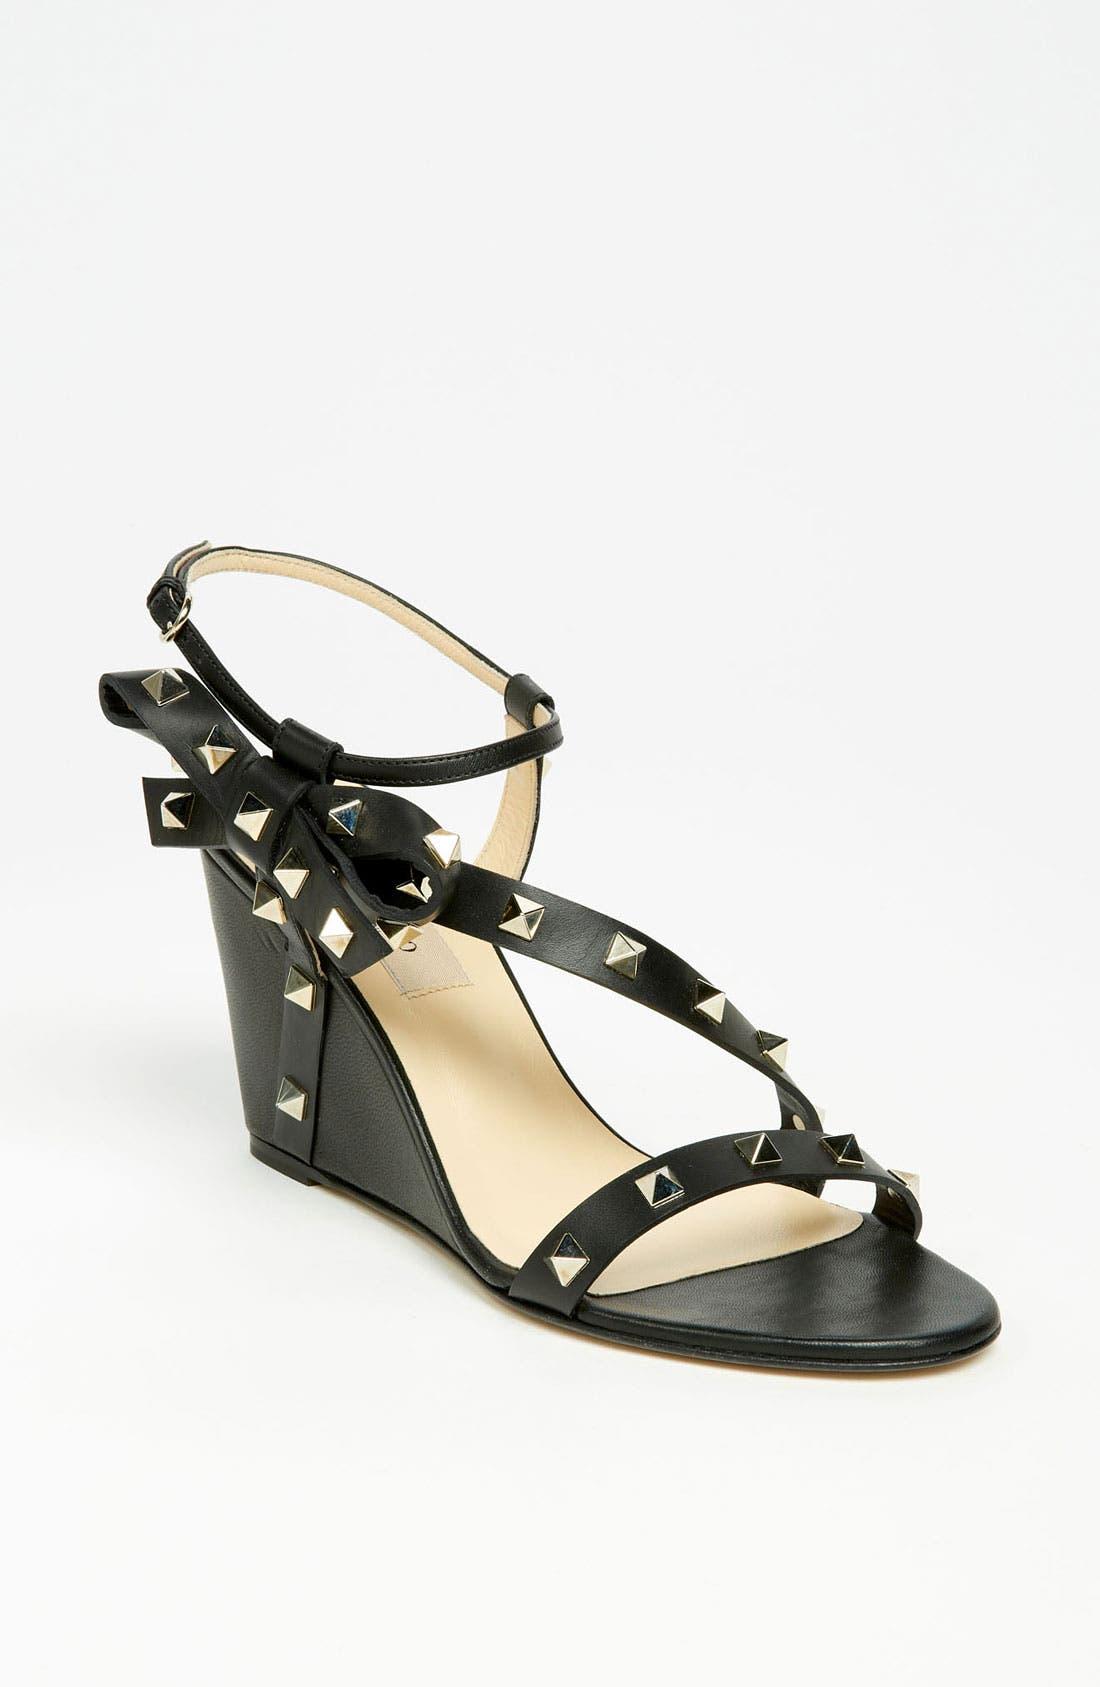 Main Image - VALENTINO GARAVANI 'Rockstud' Wedge Sandal